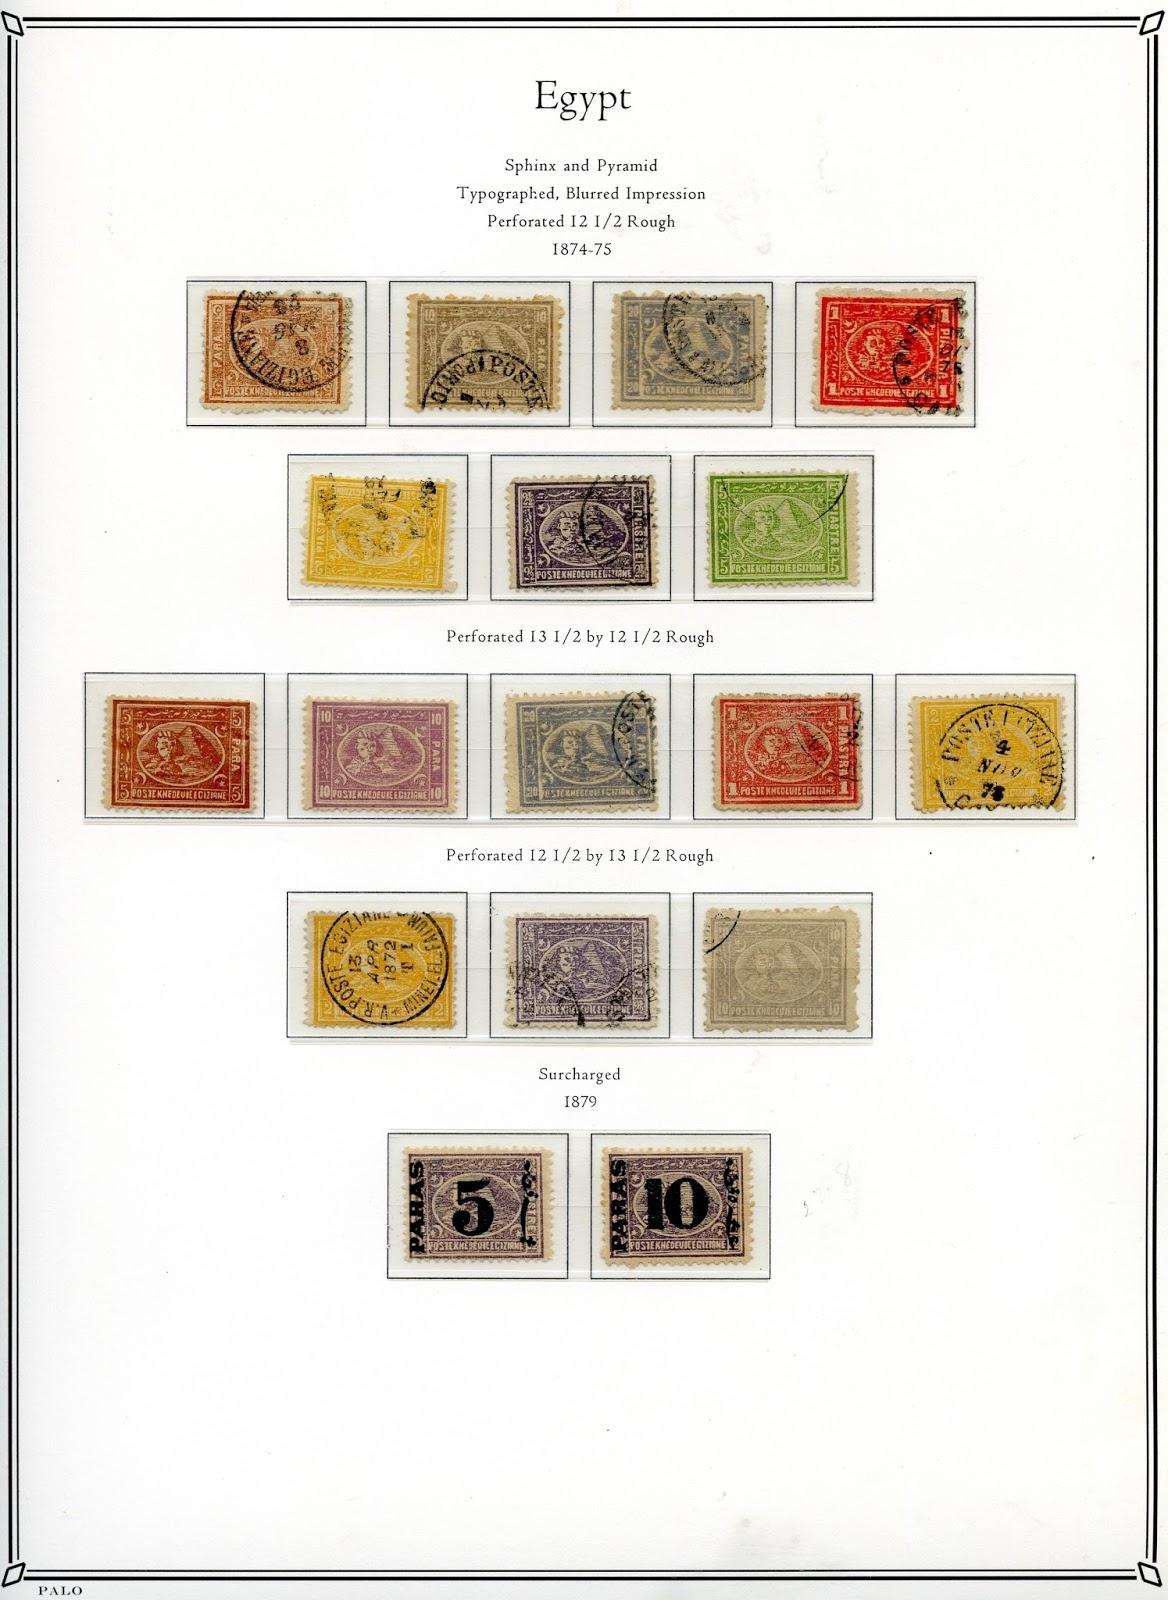 big blue 1840 1940 upstairs downstairs palo steiner stamp album